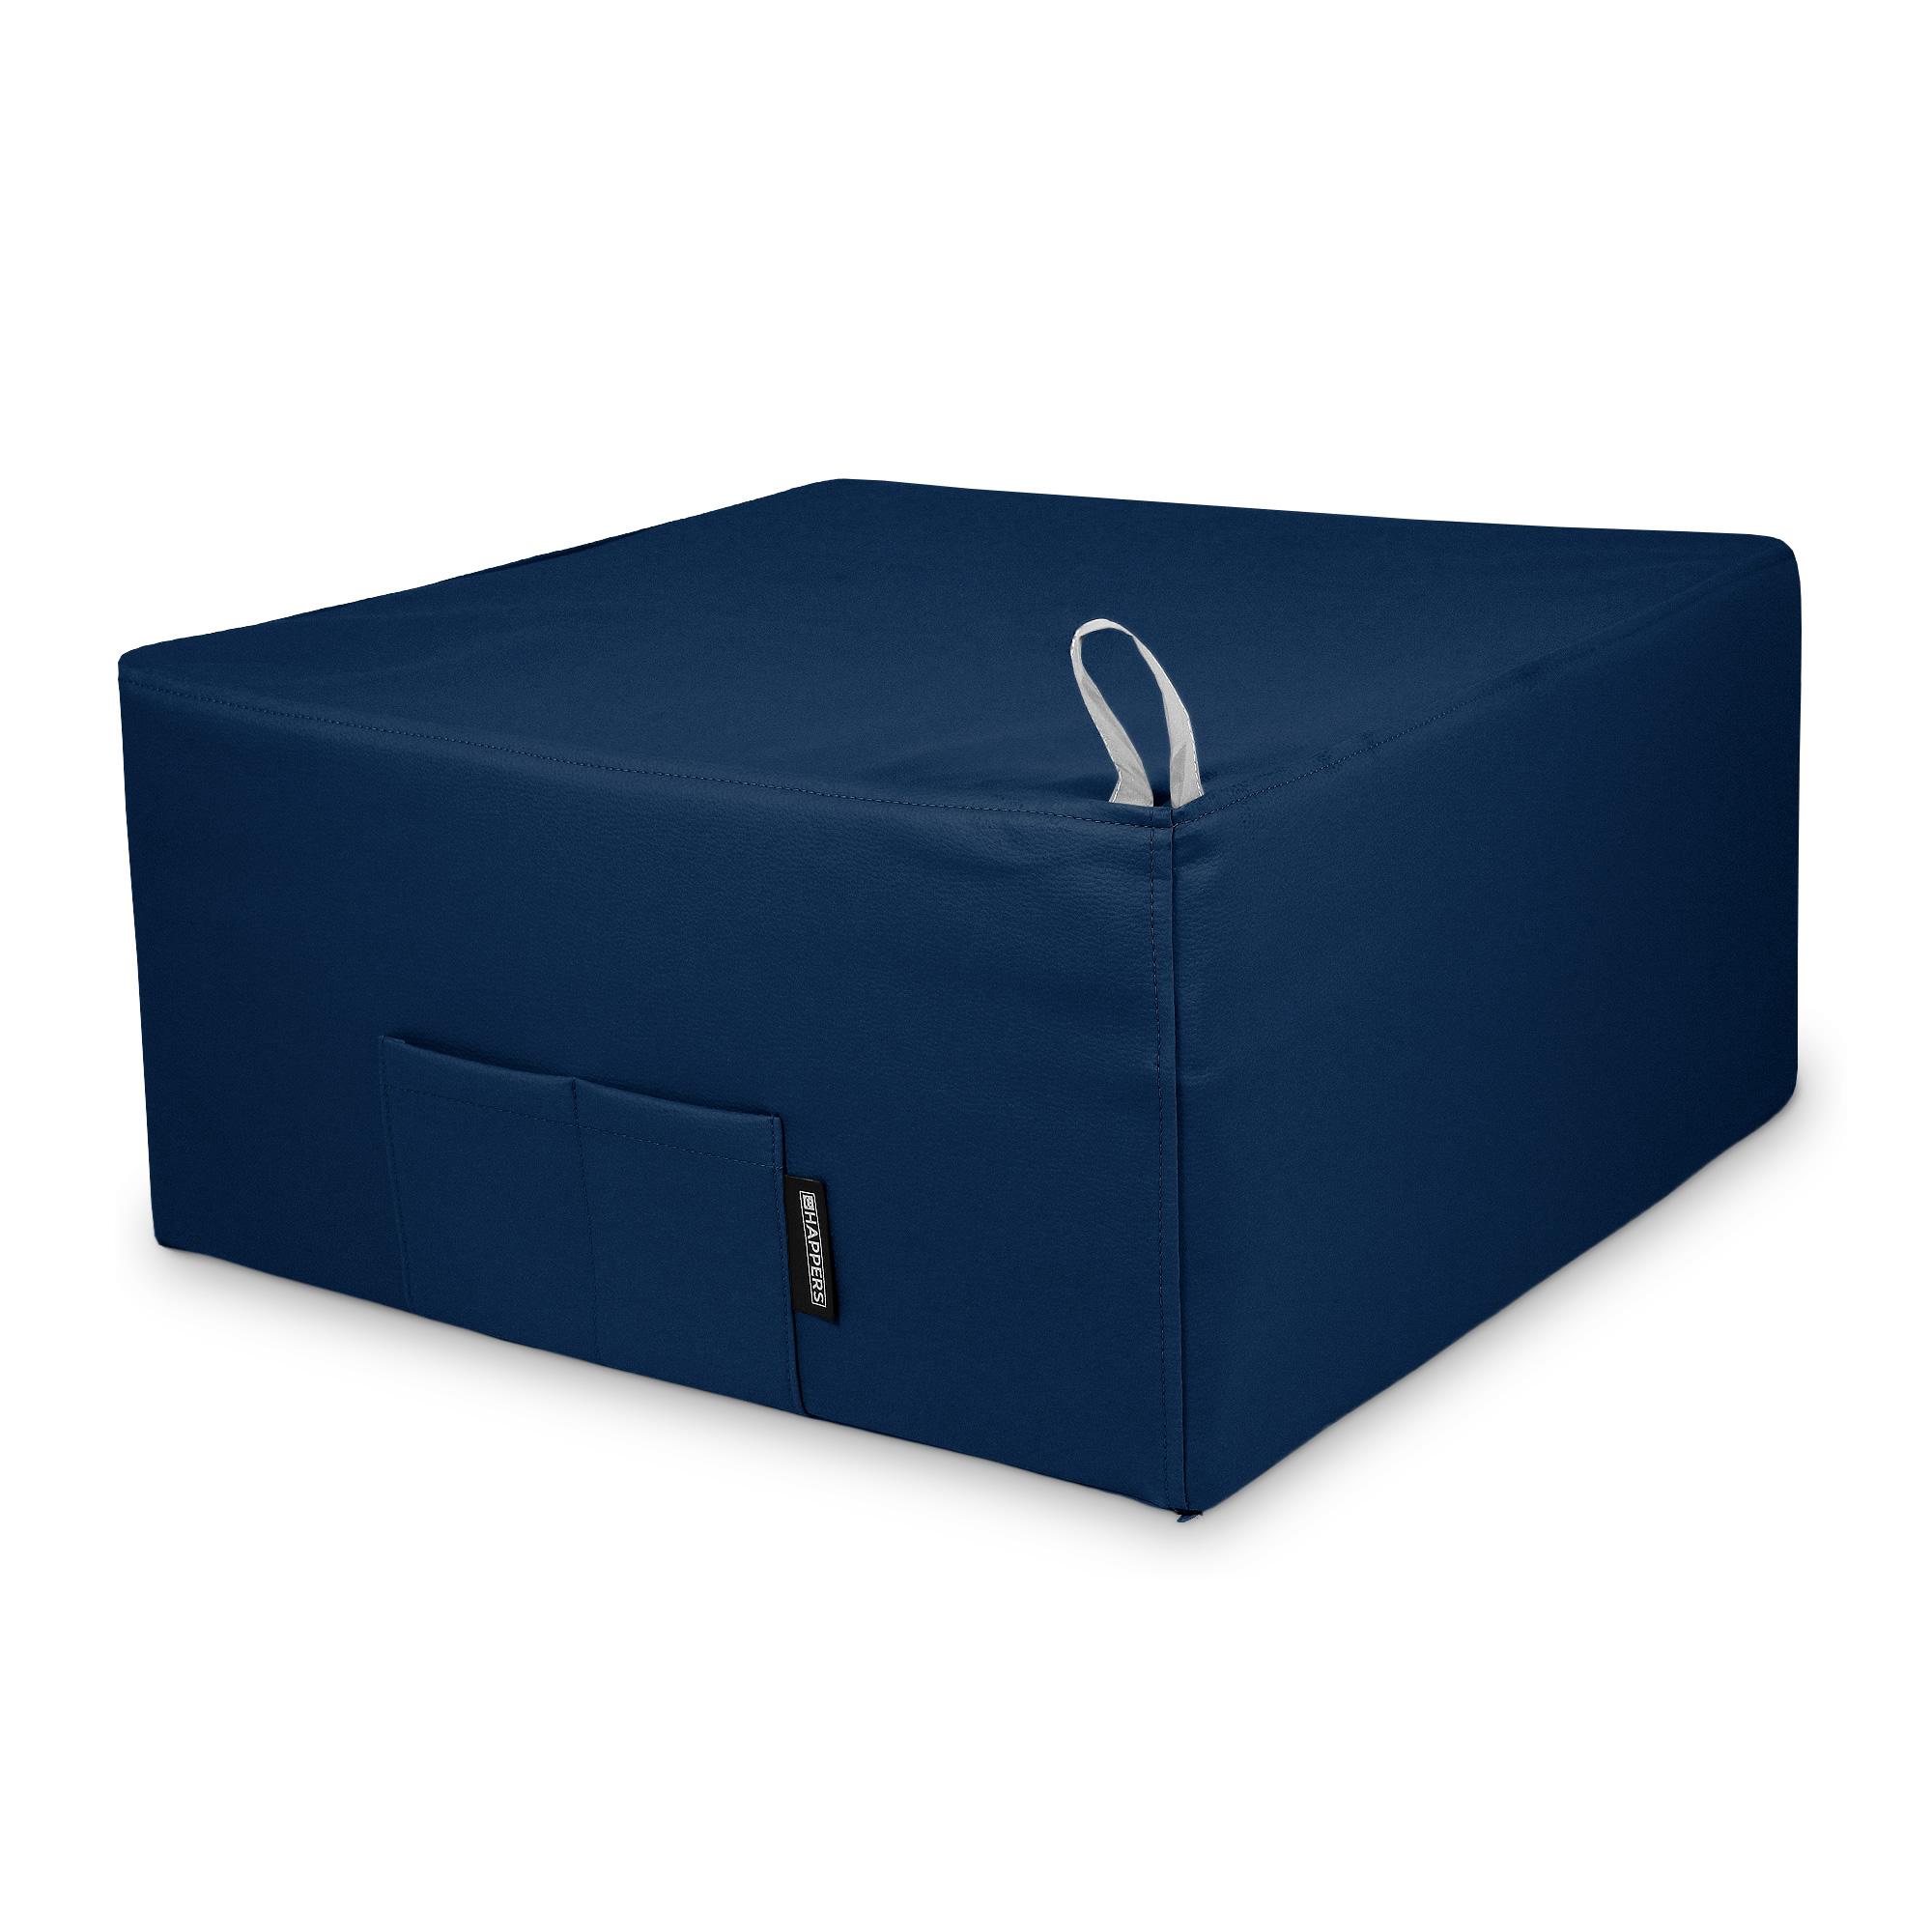 Puff Cama Individual para una persona Polipiel Indoor Azul Happers | Happers.es